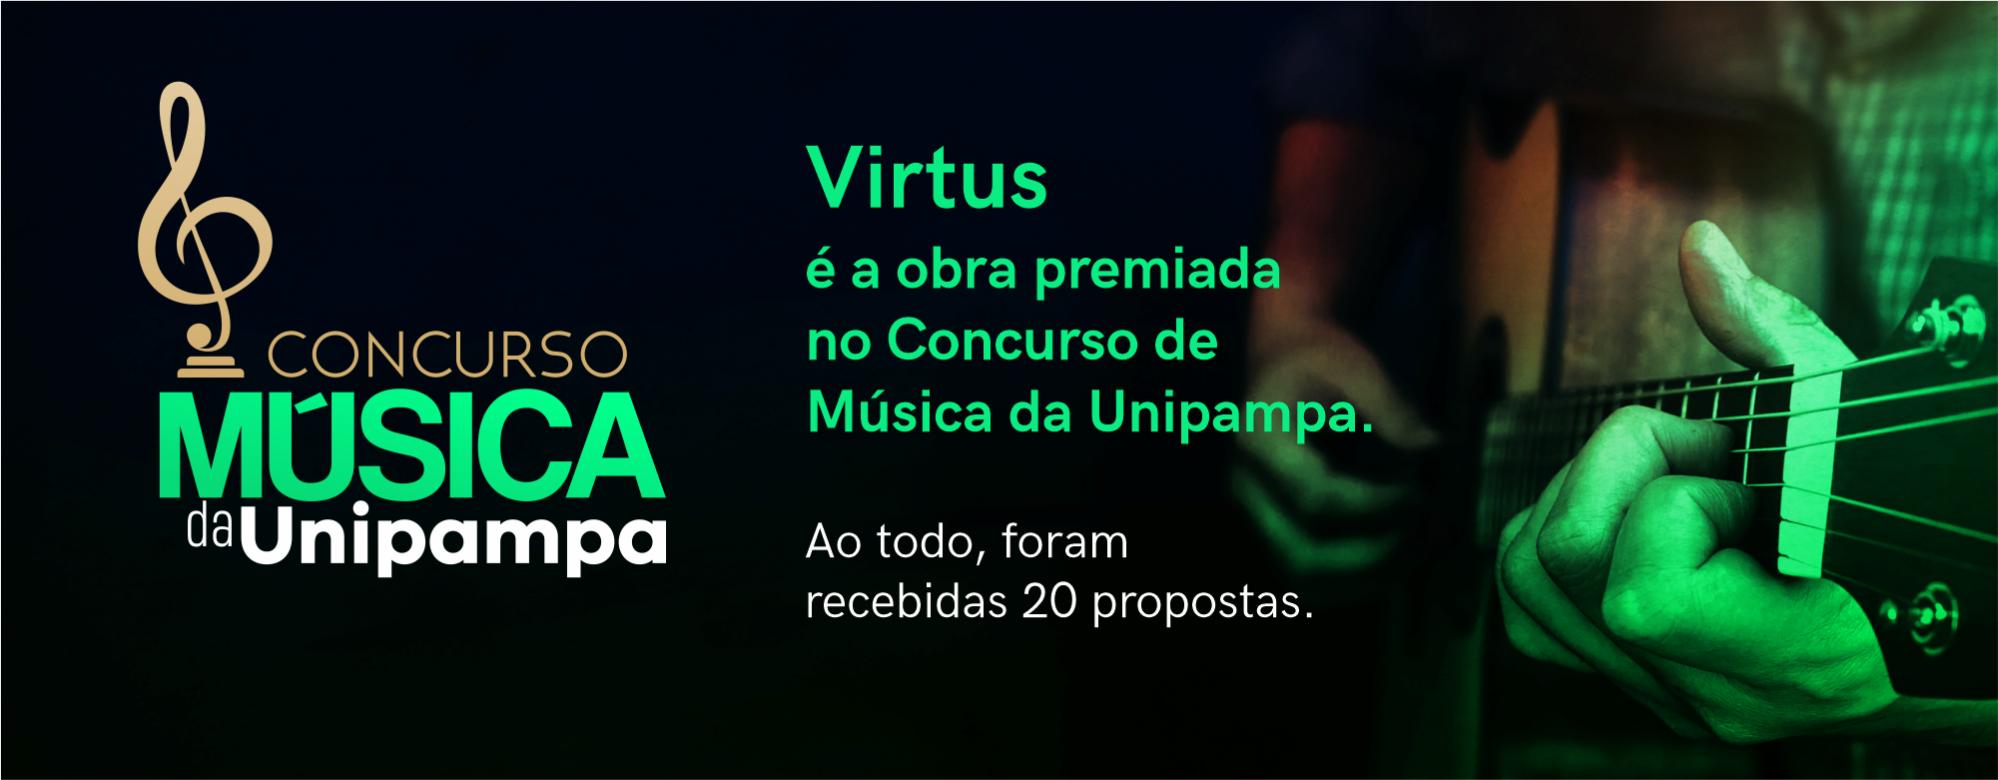 Virtus é a obra premiada no Concurso de Música da Unipampa